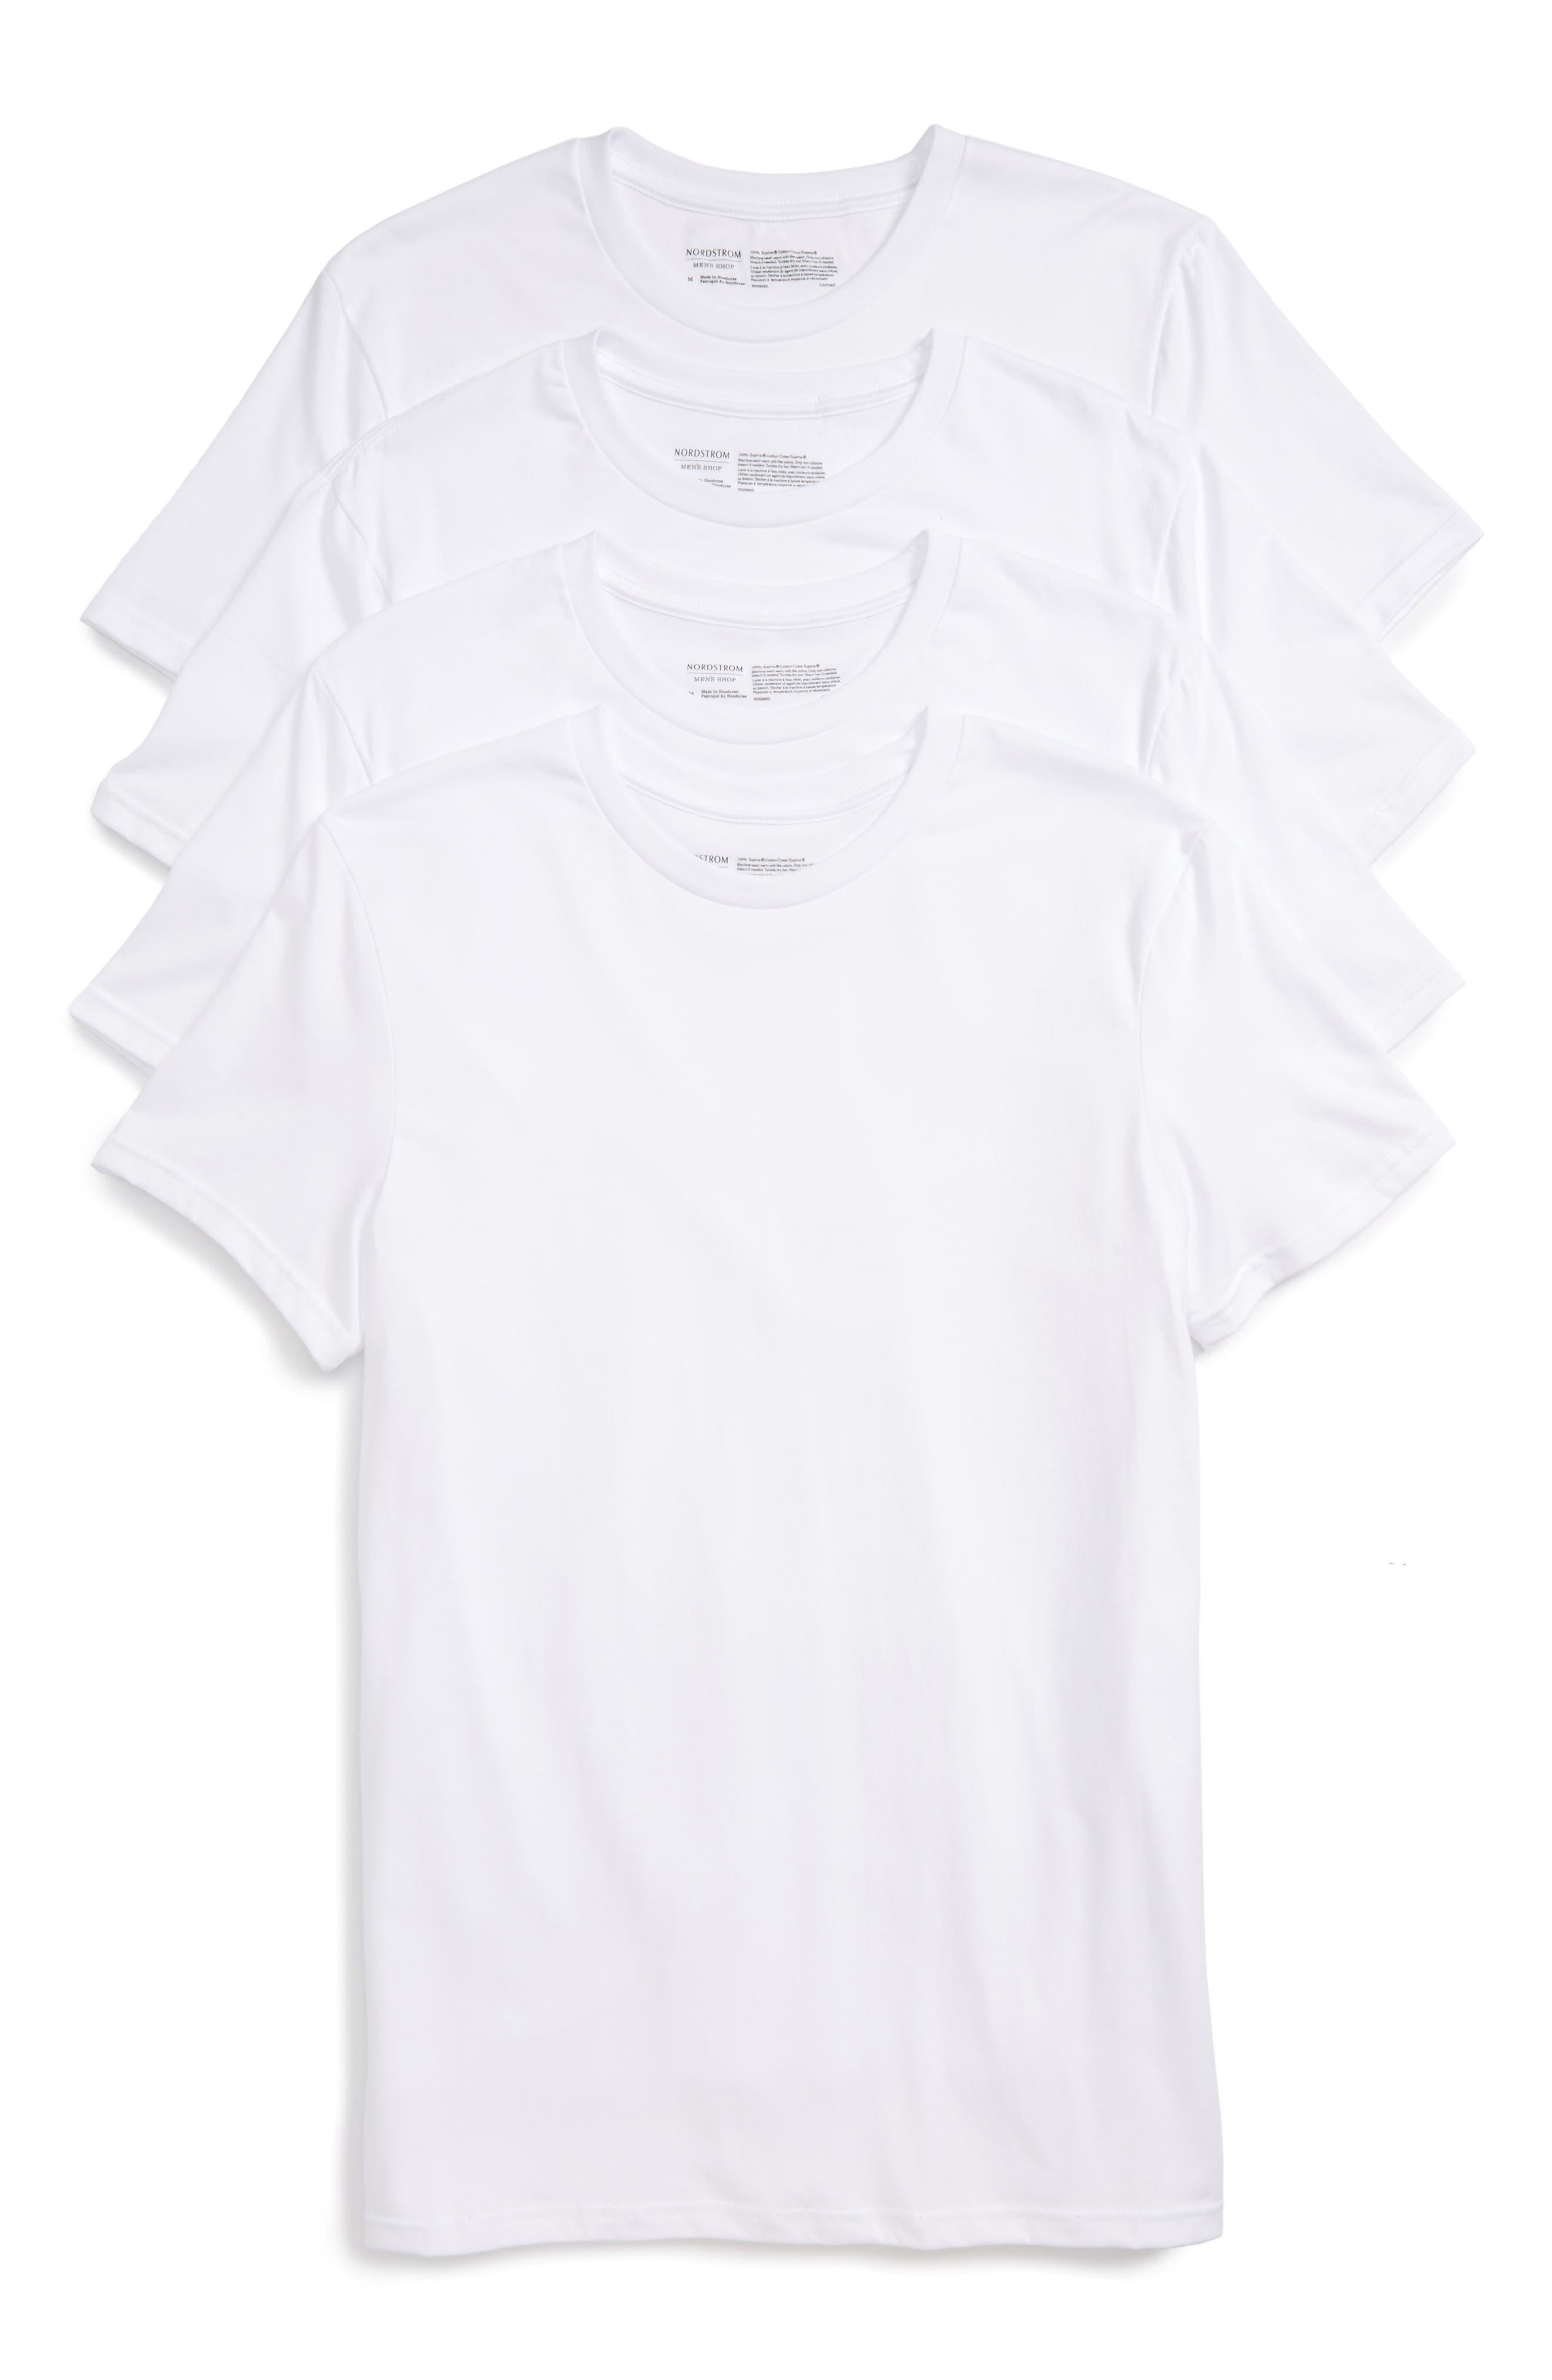 NORDSTROM MEN'S SHOP 4-Pack Trim Fit Supima<sup>®</sup> Cotton Crewneck T-Shirt, Main, color, WHITE